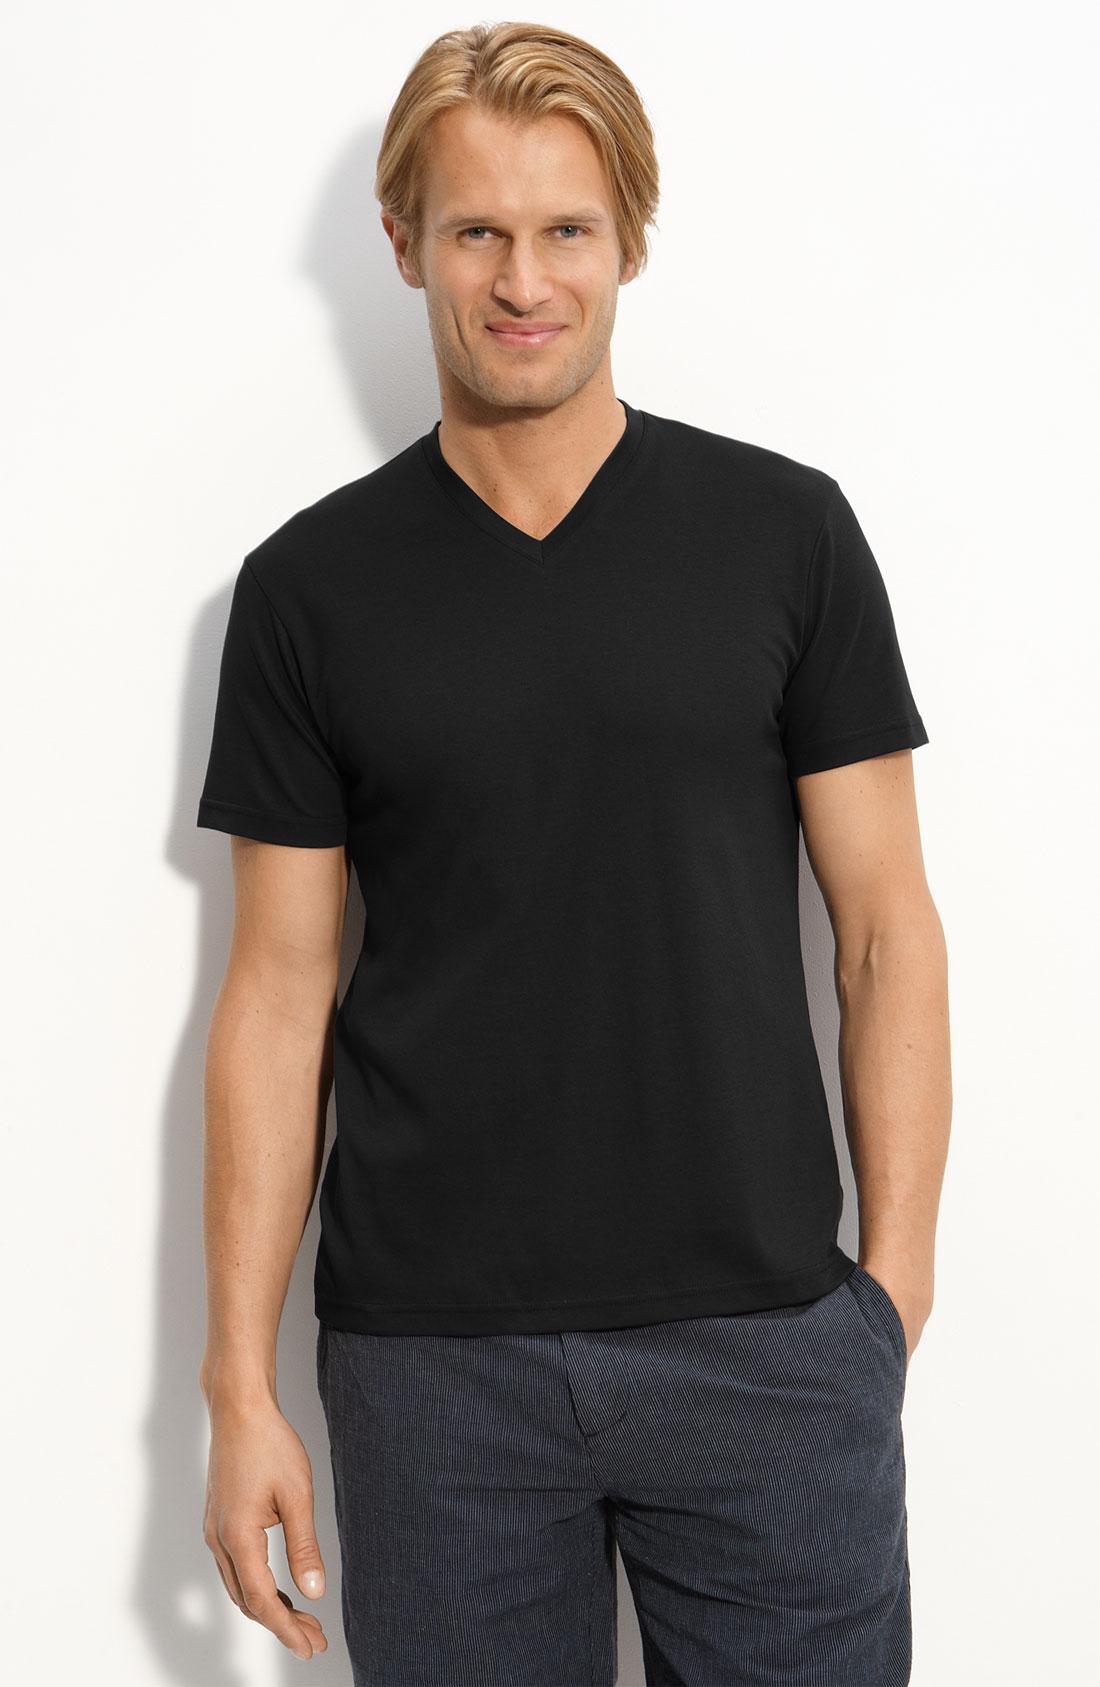 michael kors liquid jersey v neck t shirt in black for men. Black Bedroom Furniture Sets. Home Design Ideas